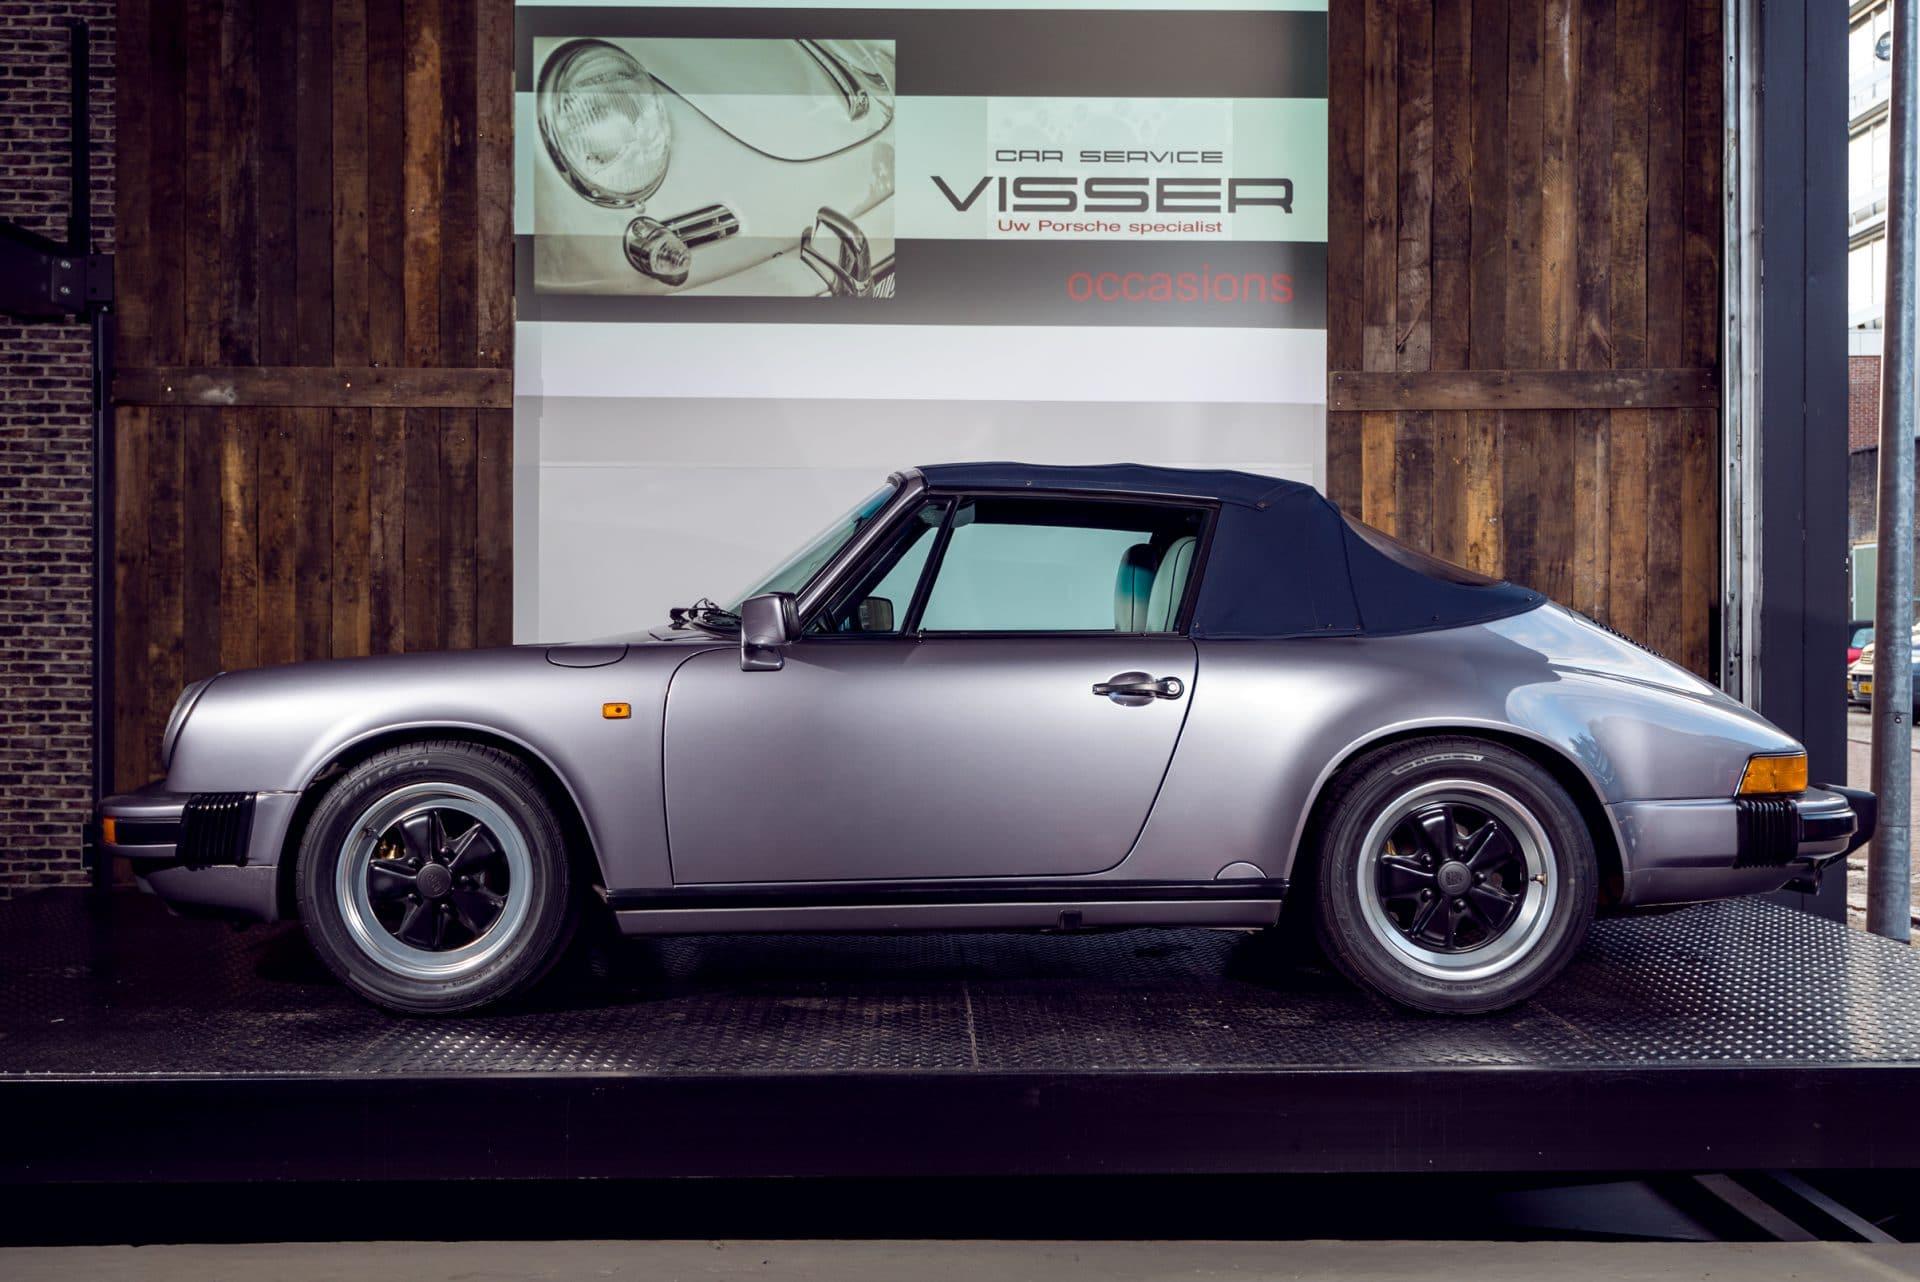 1. Porsche-3.2-Cabrio-2